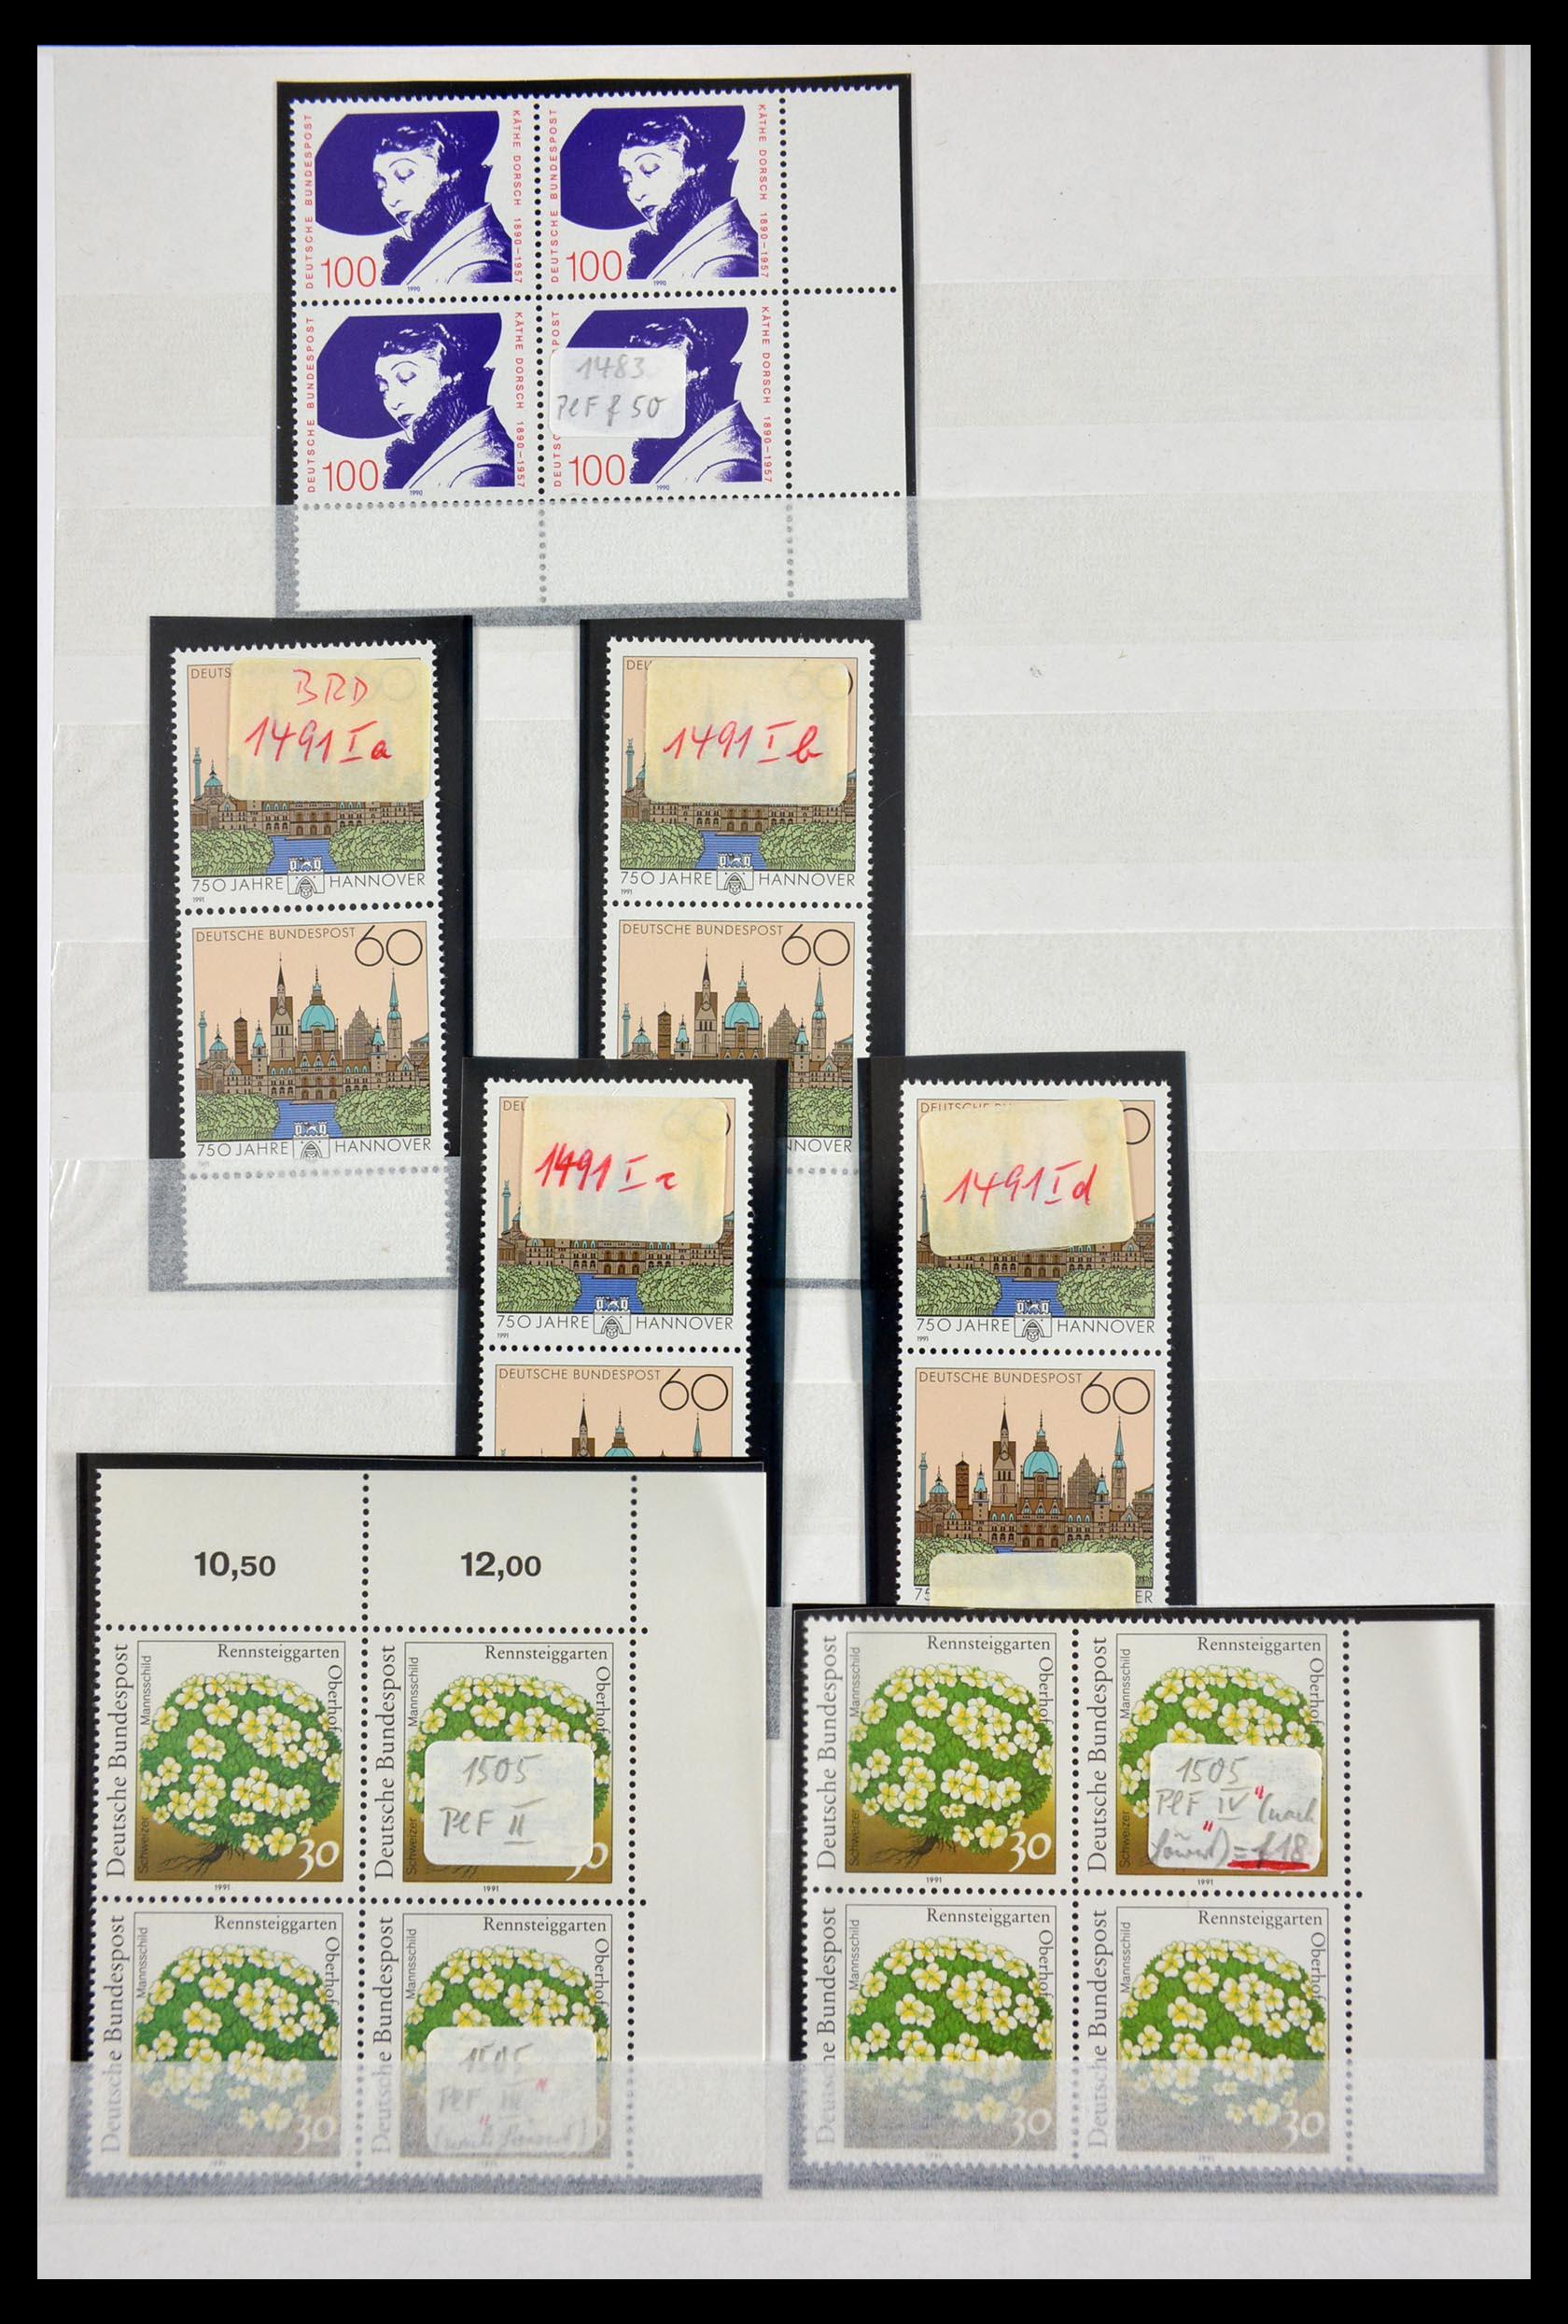 29491 018 - 29491 Bundespost plateflaws 1957-1994.